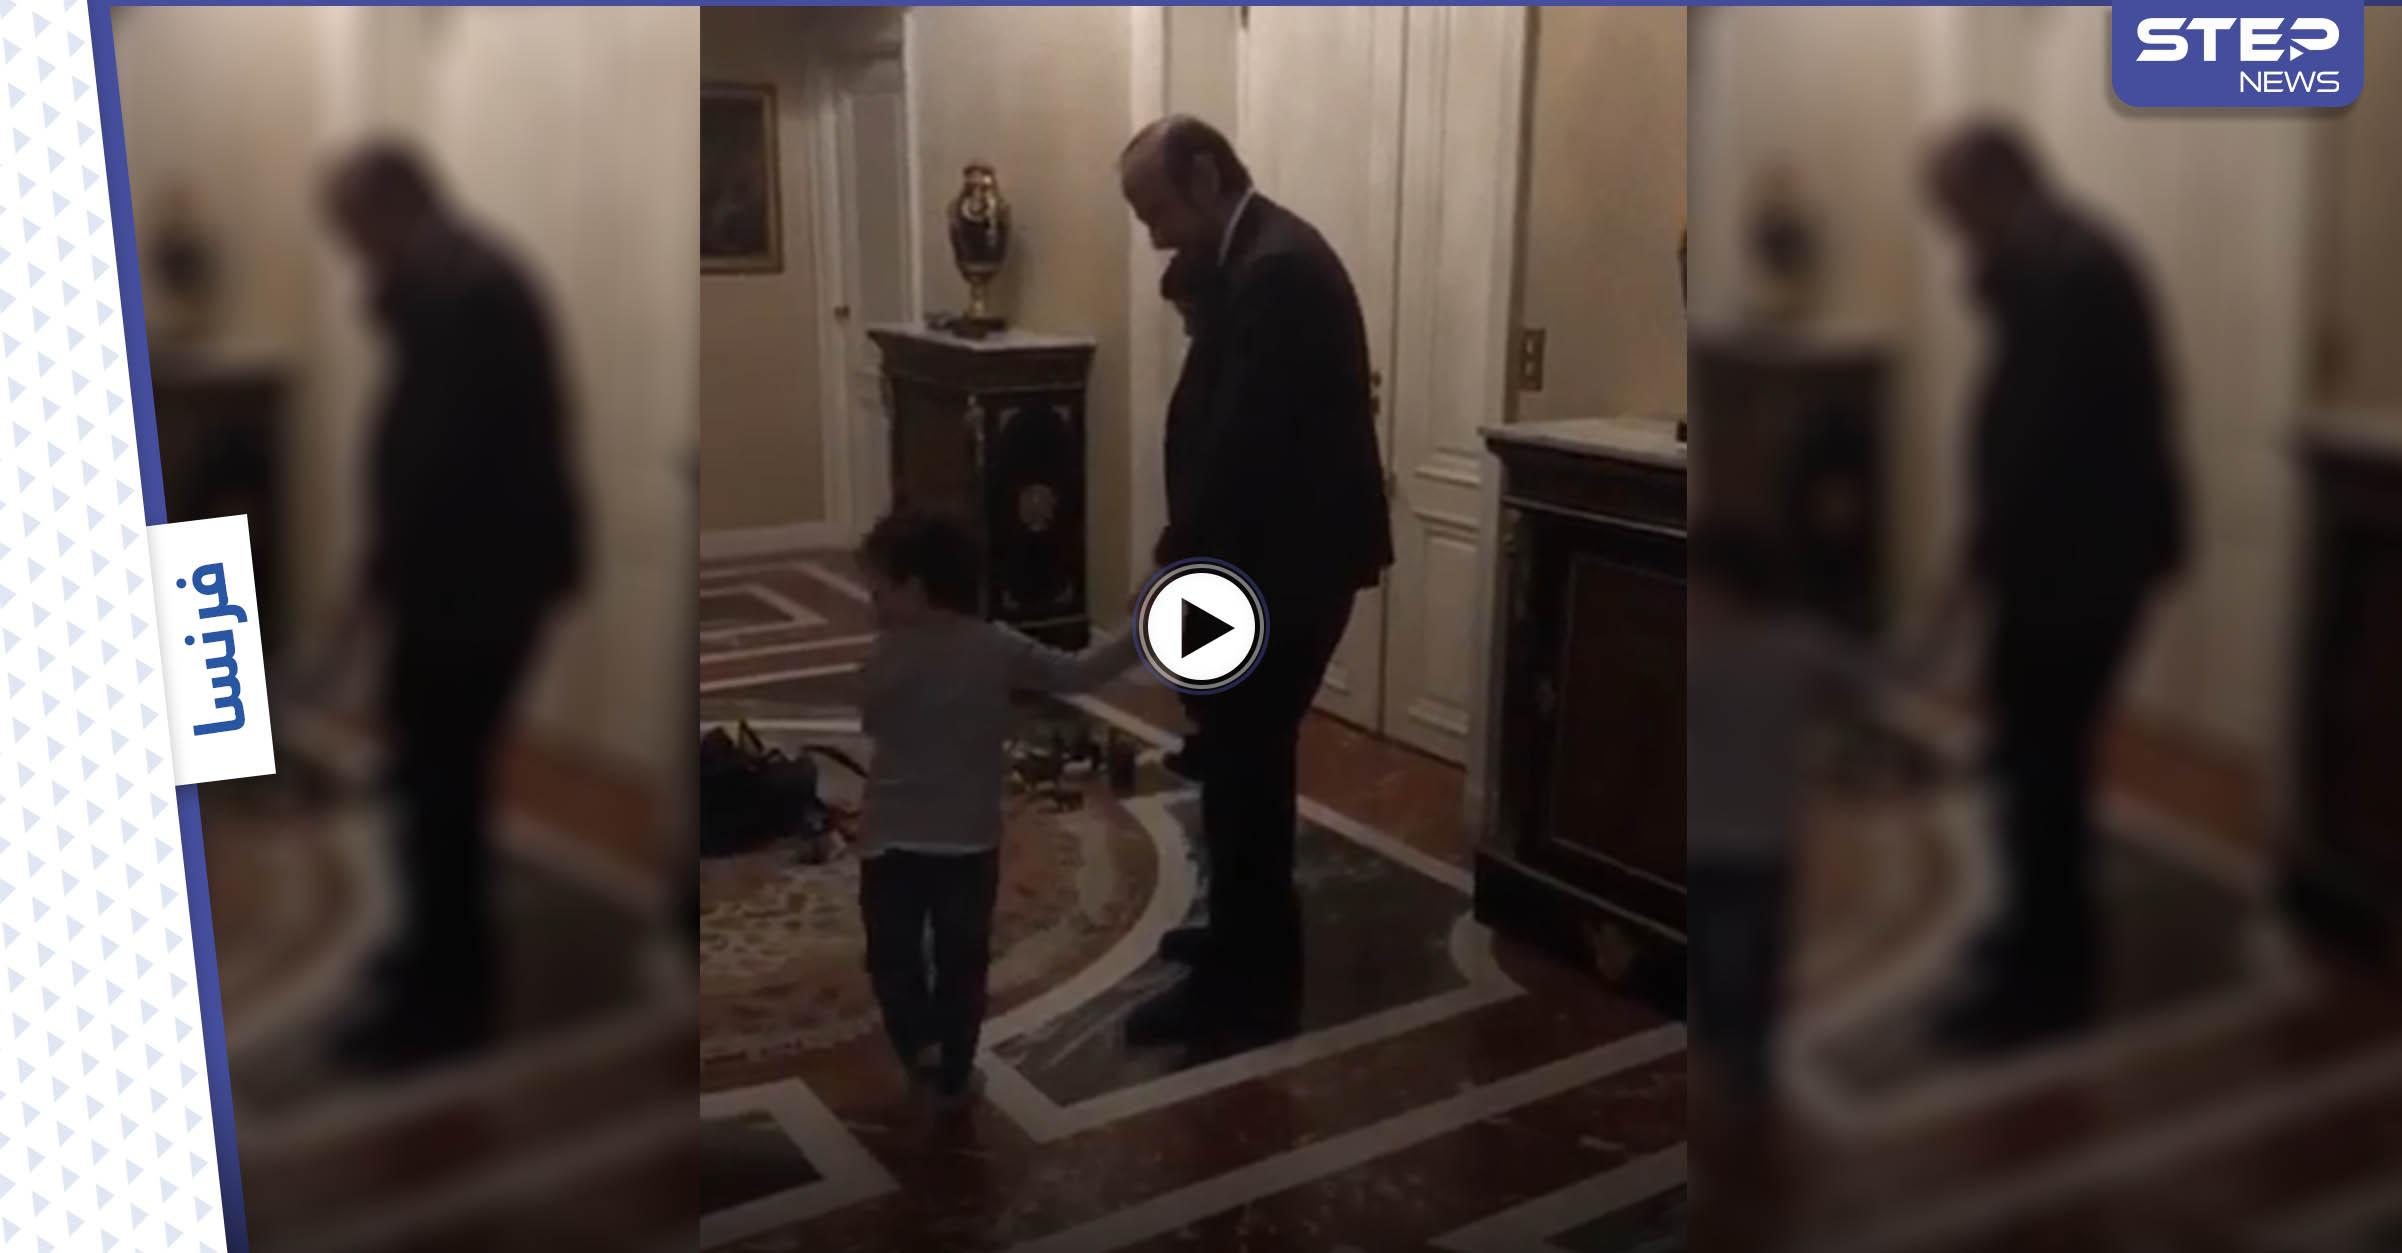 بالفيديو || عقب الحكم عليه بالسجن.. رفعت الأسد يرقص مع أحفاده في فرنسا